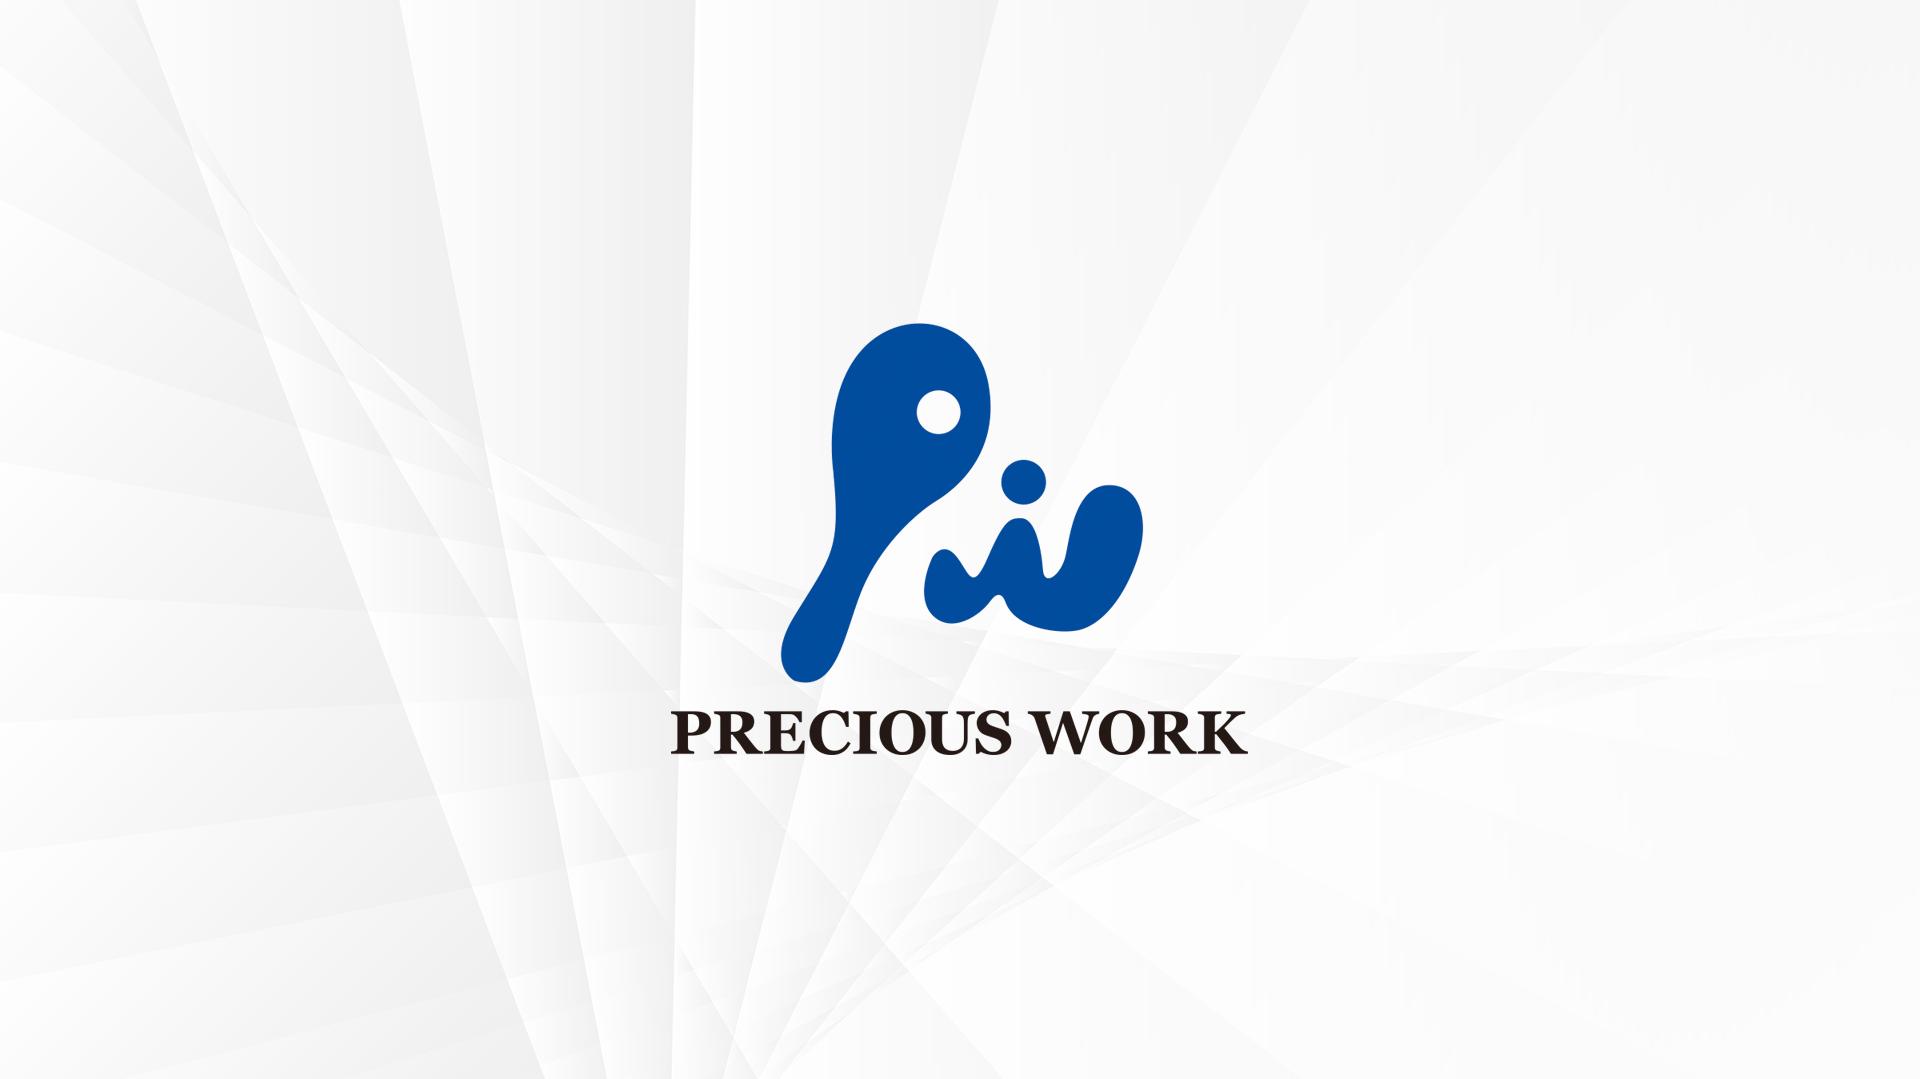 株式会社プレシャスワーク